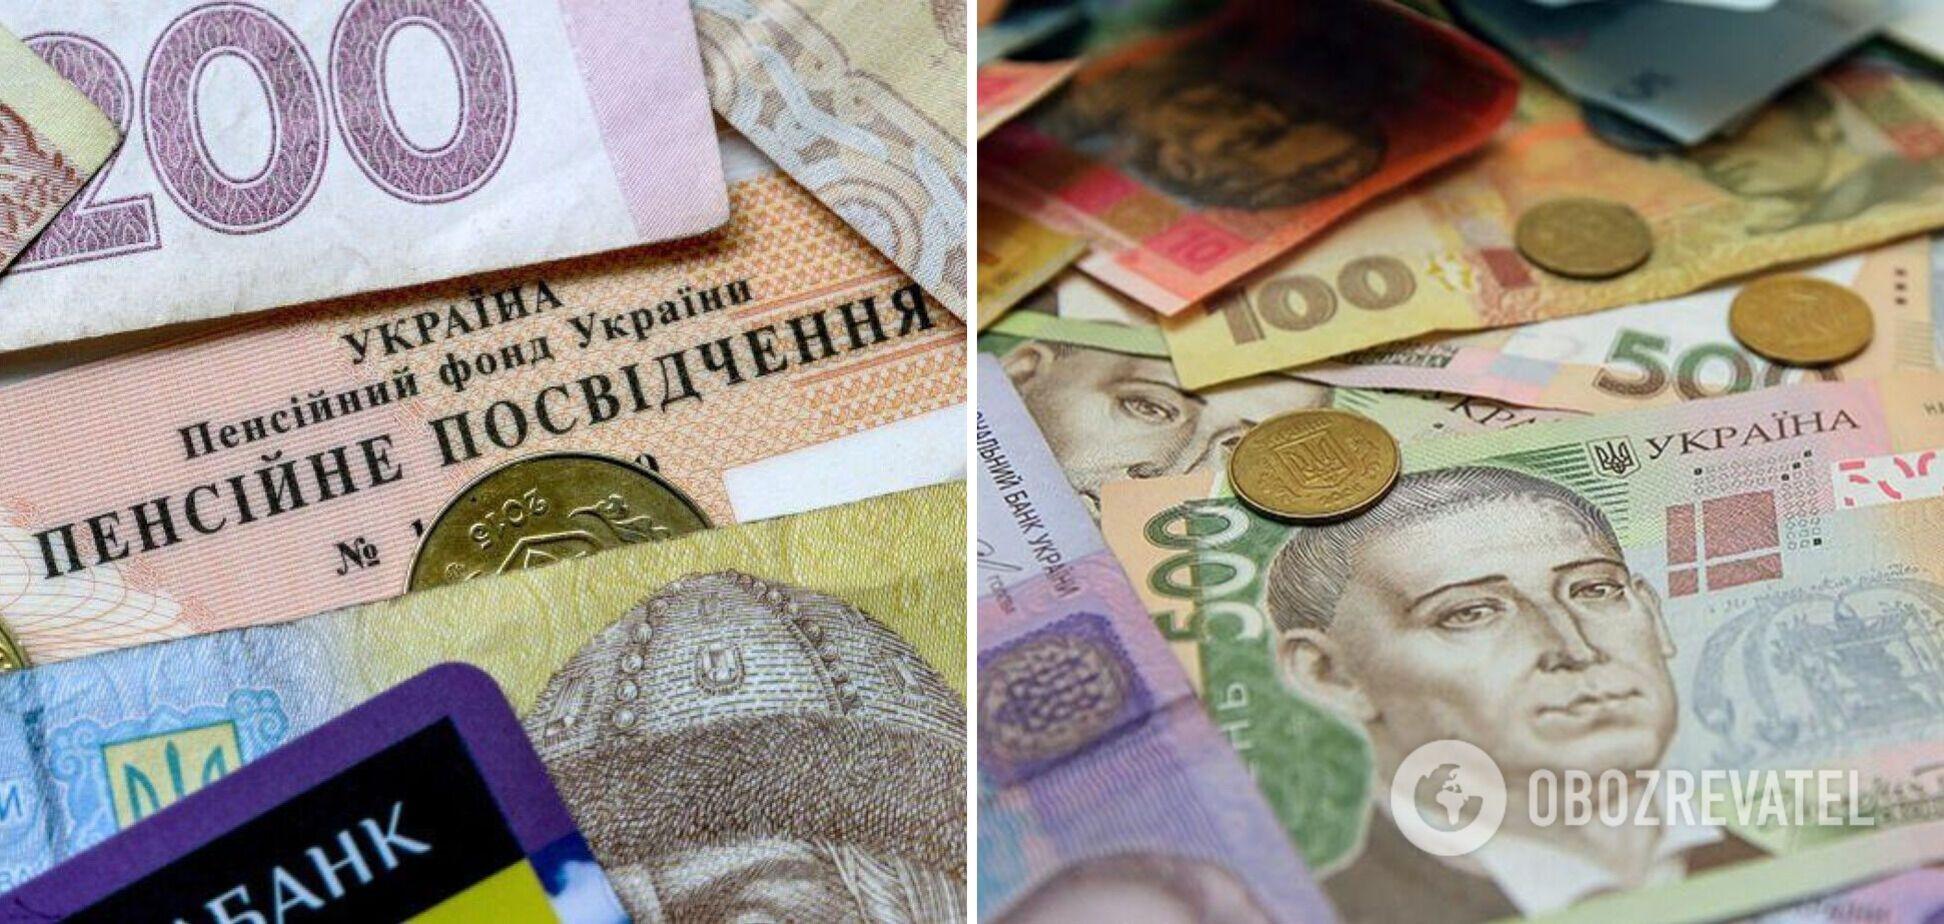 Пенсійний фонд збільшив доходи на 7 млрд гривень